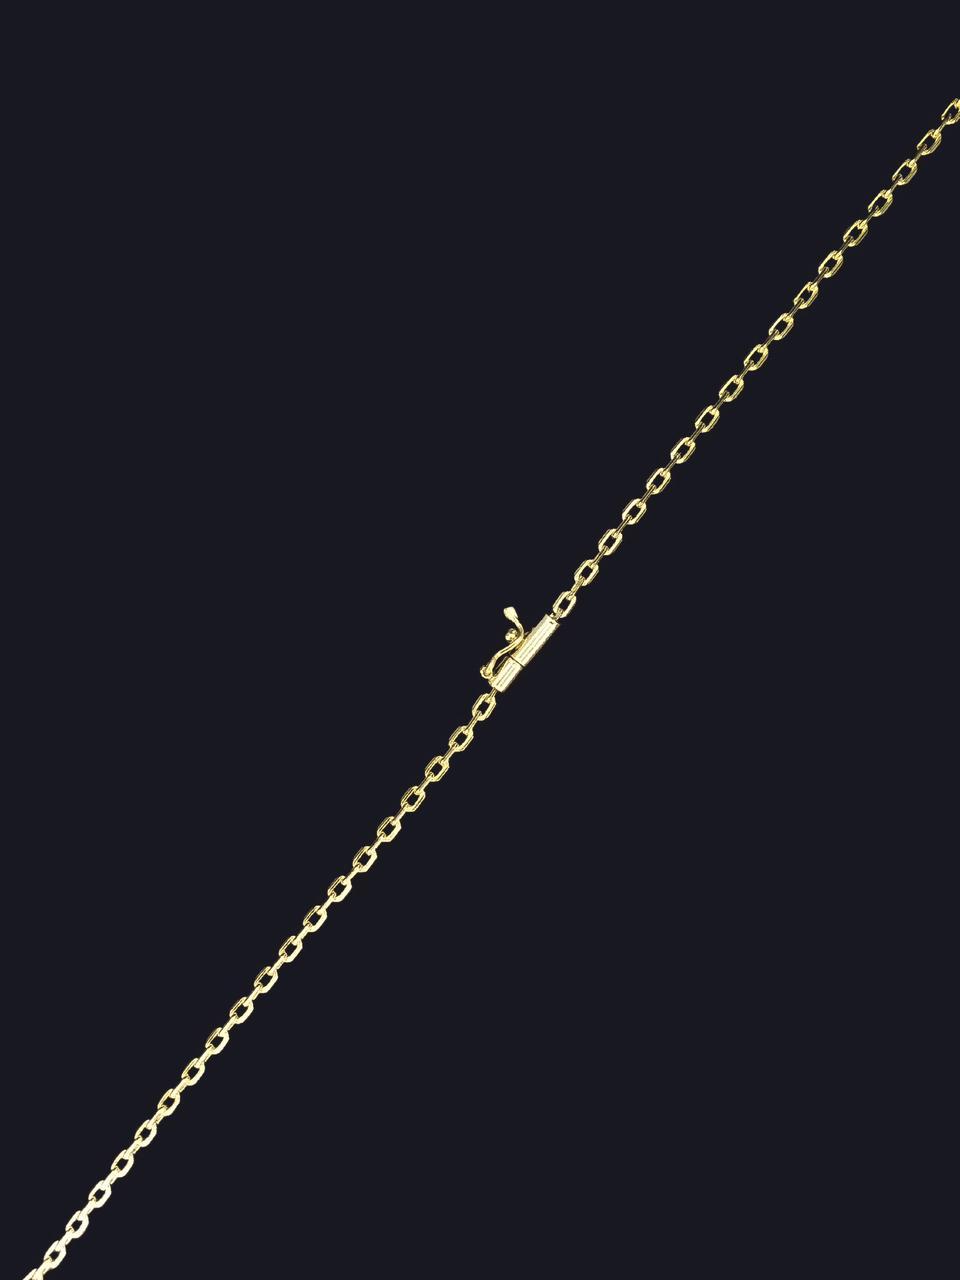 Corrente Cartie-  2 milímetros -Elos achatados - 70 Centímetros - fecho Gaveta - Banhado a ouro 18 k